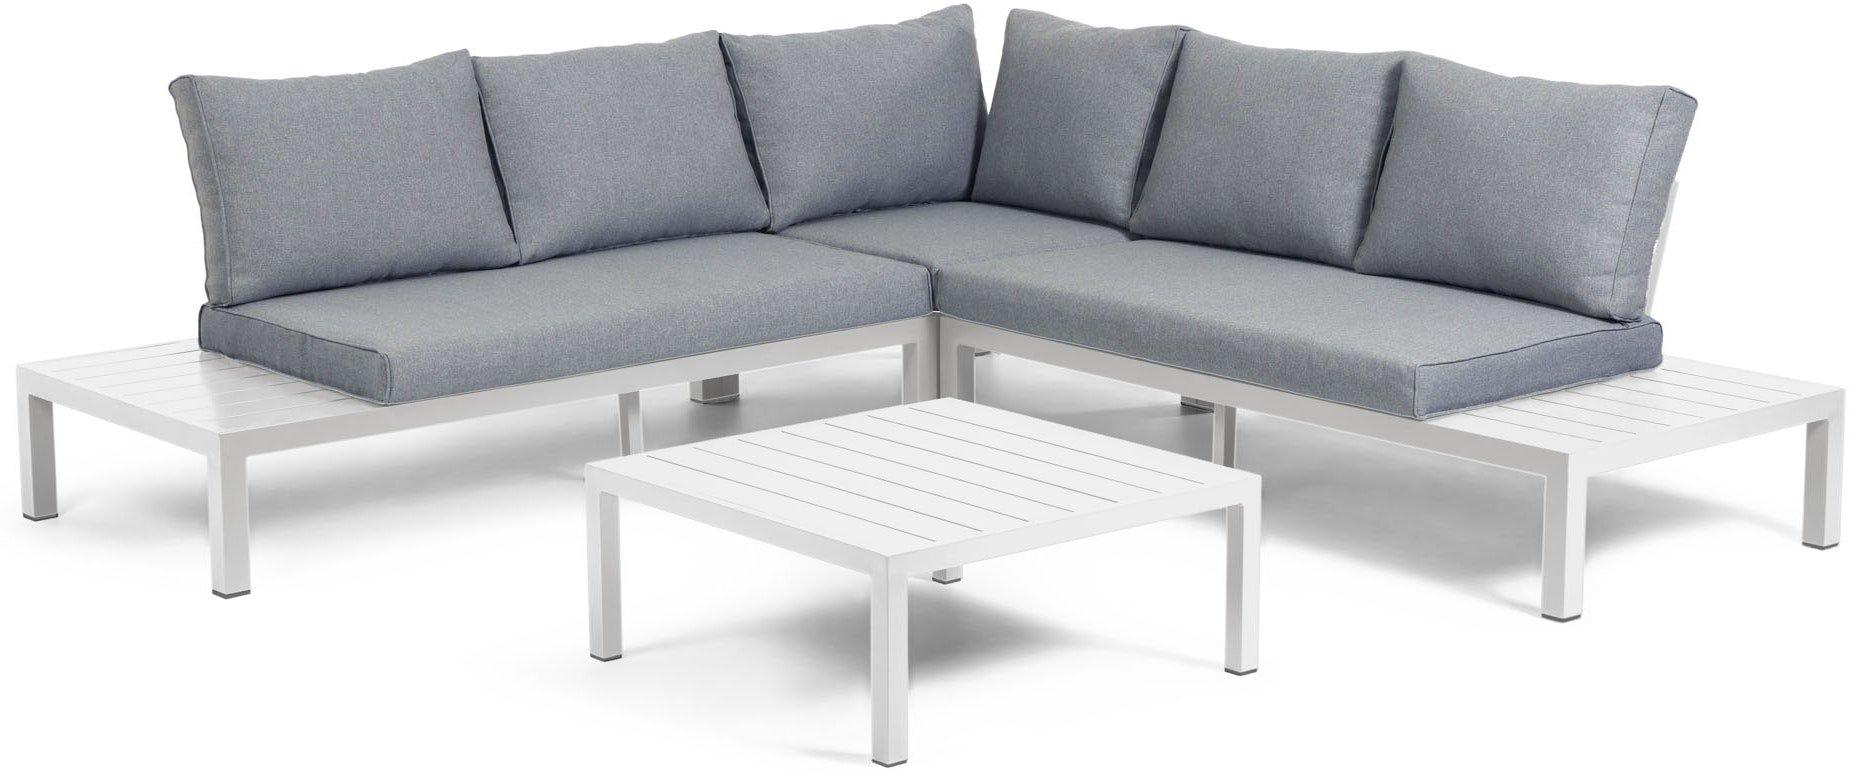 Køb Duka, Udendørs sofasæt by LaForma (H: 65 cm. B: 246 cm. L: 246 cm., Hvid)